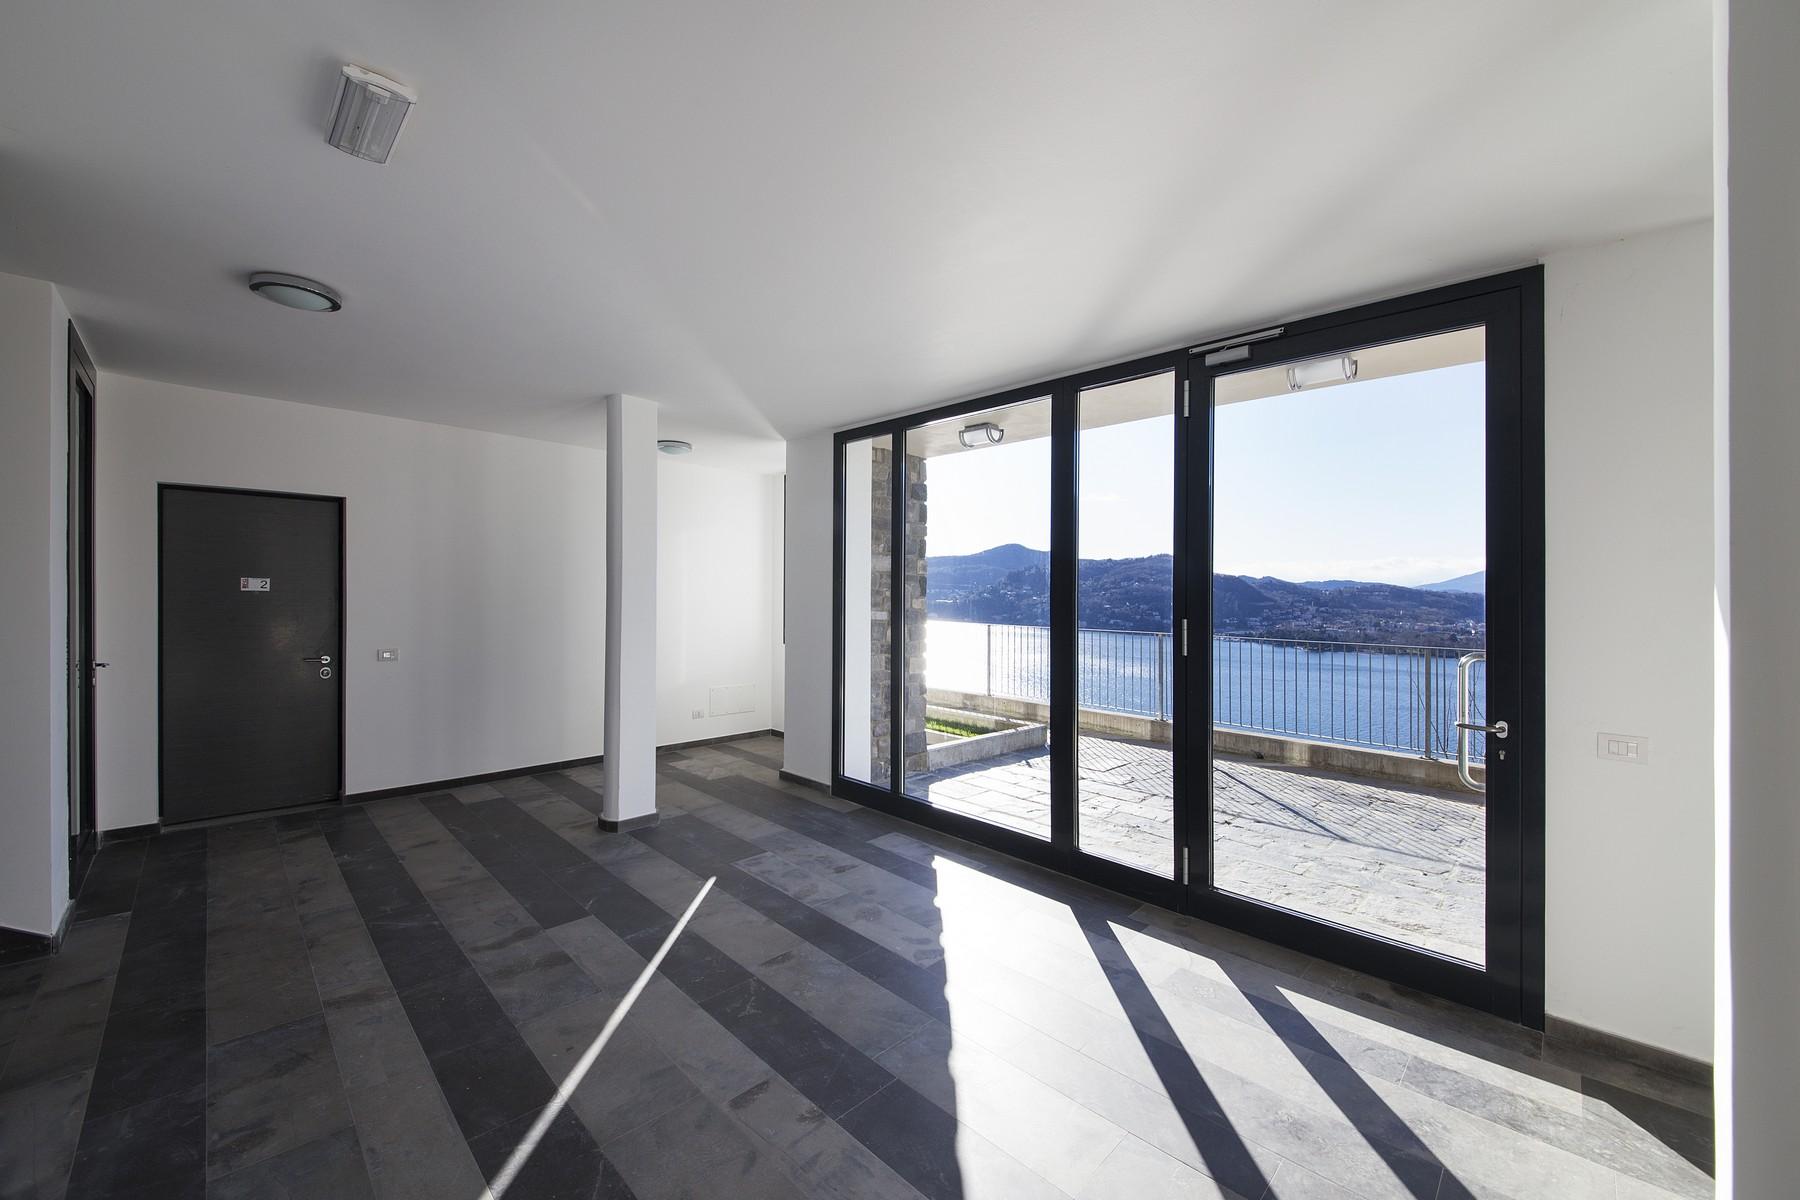 Appartamento in Vendita a Blevio: 5 locali, 125 mq - Foto 3